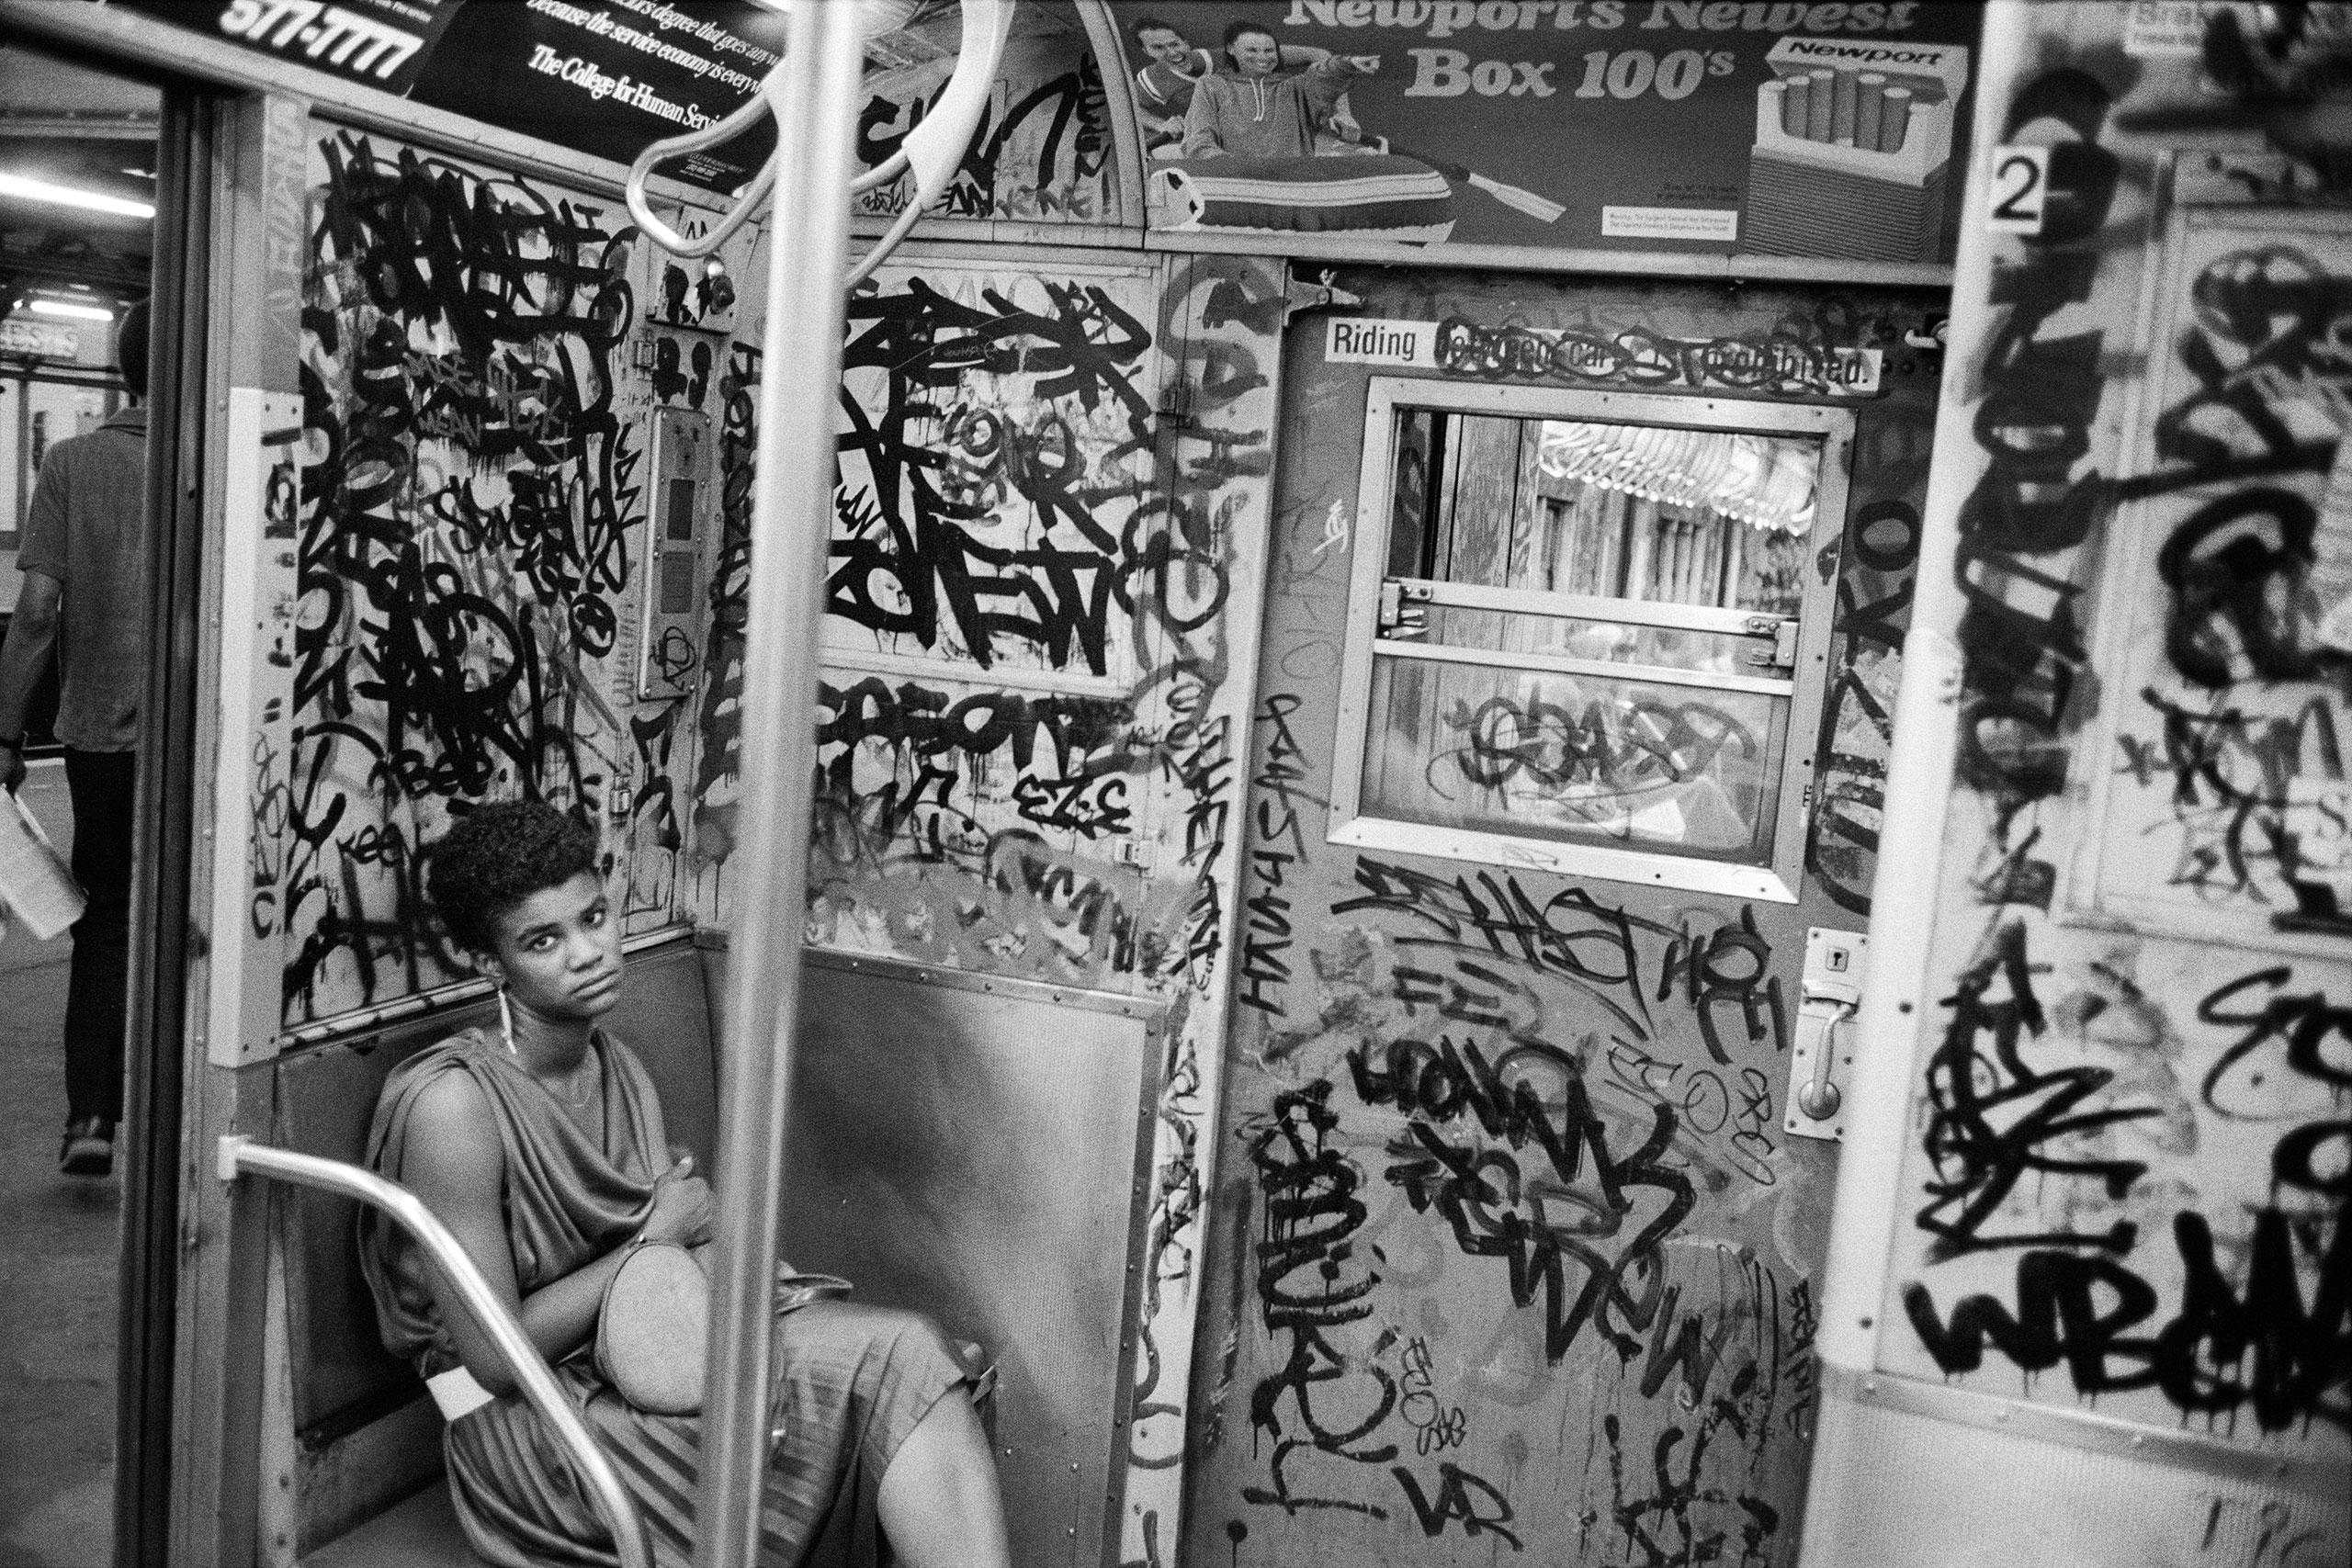 Subway, May 17, NYC, 1984